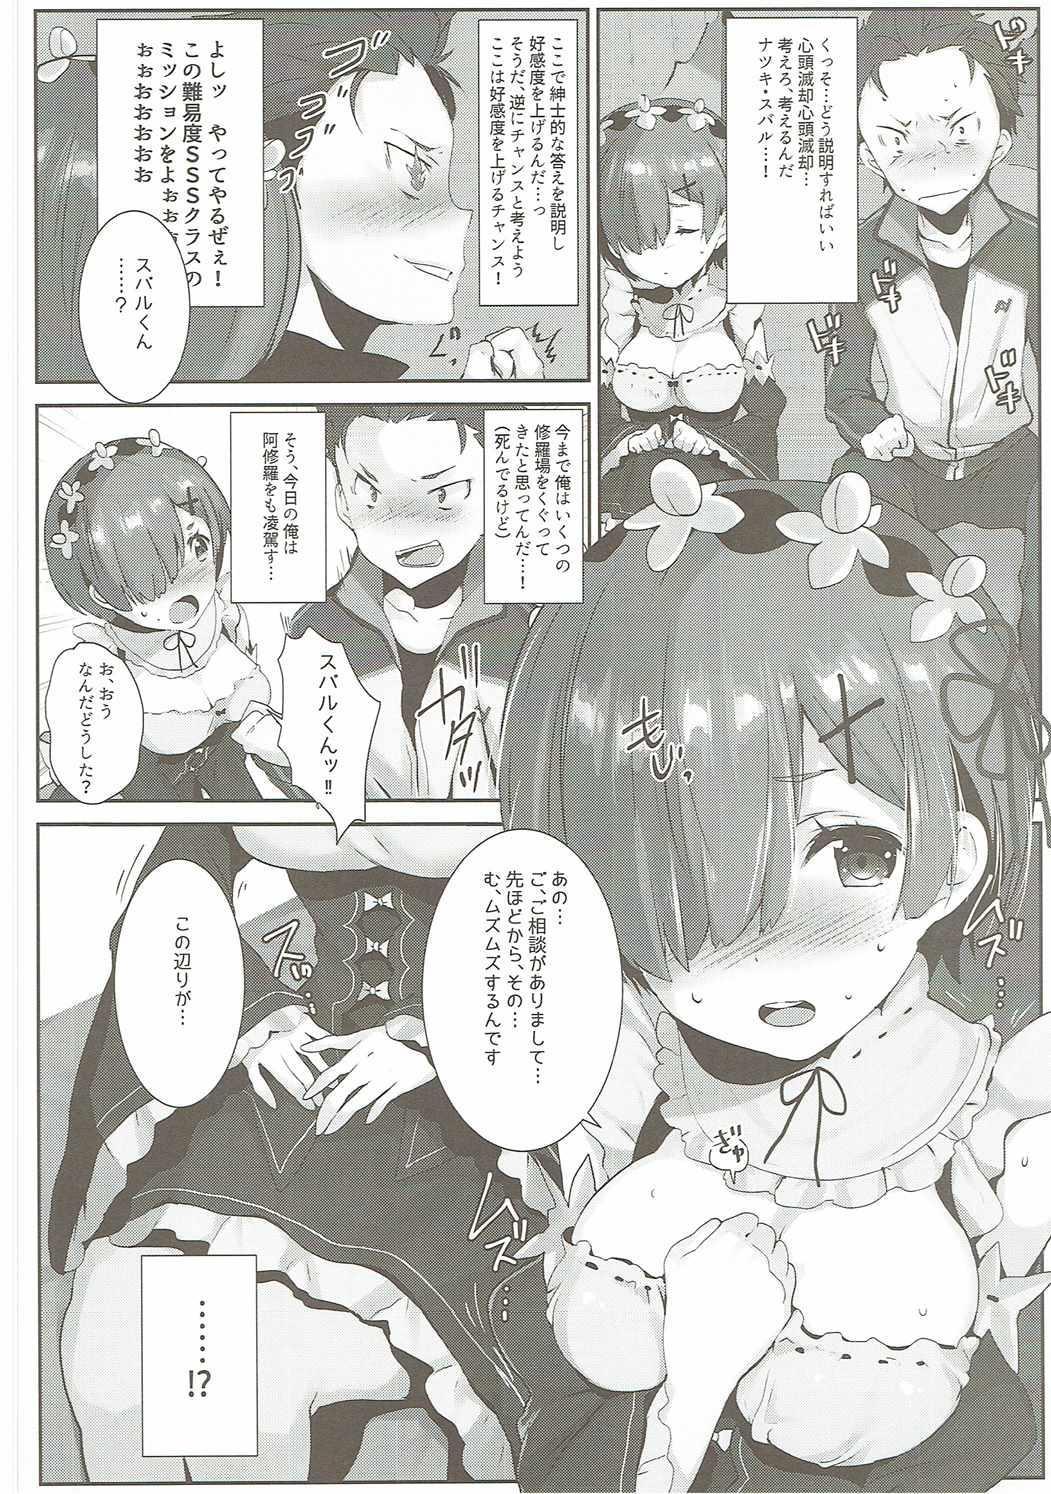 Rem no Ecchi na Nayami o Kaiketsu shitekudasai 4